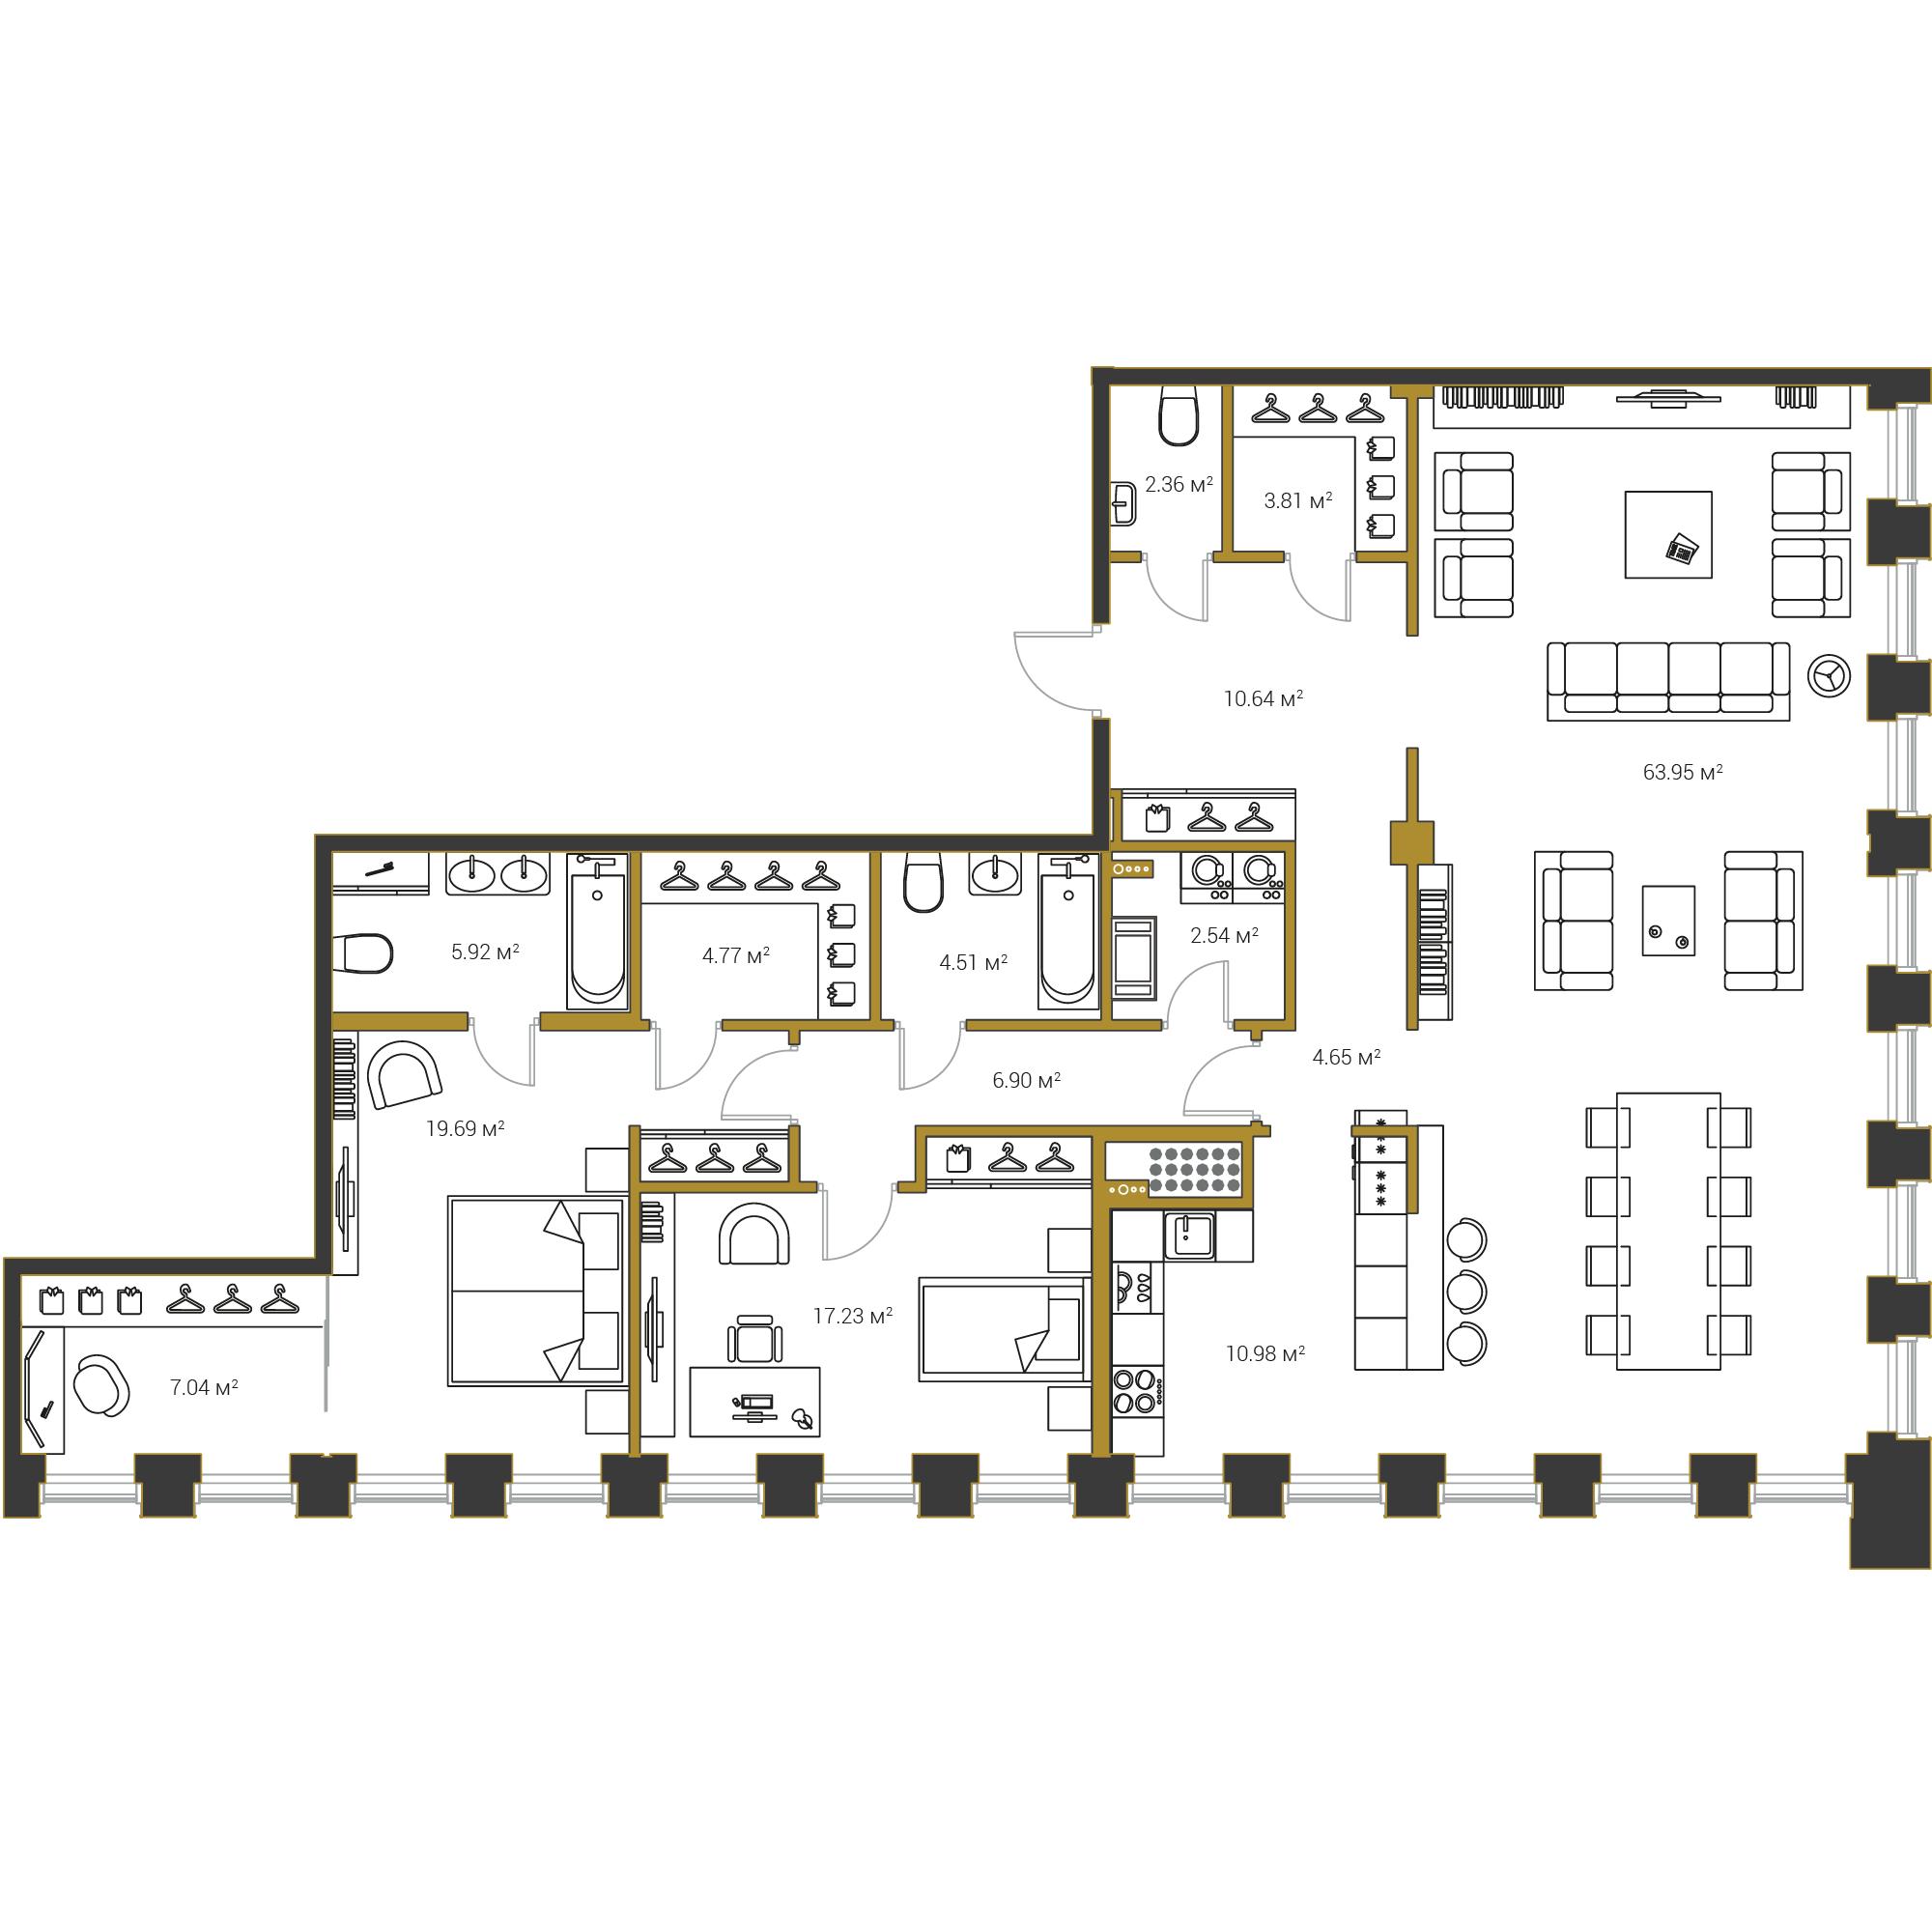 2-комнатная квартира №16 в: Институтский,16: 164.99 м²; этаж: 19 - купить в Санкт-Петербурге